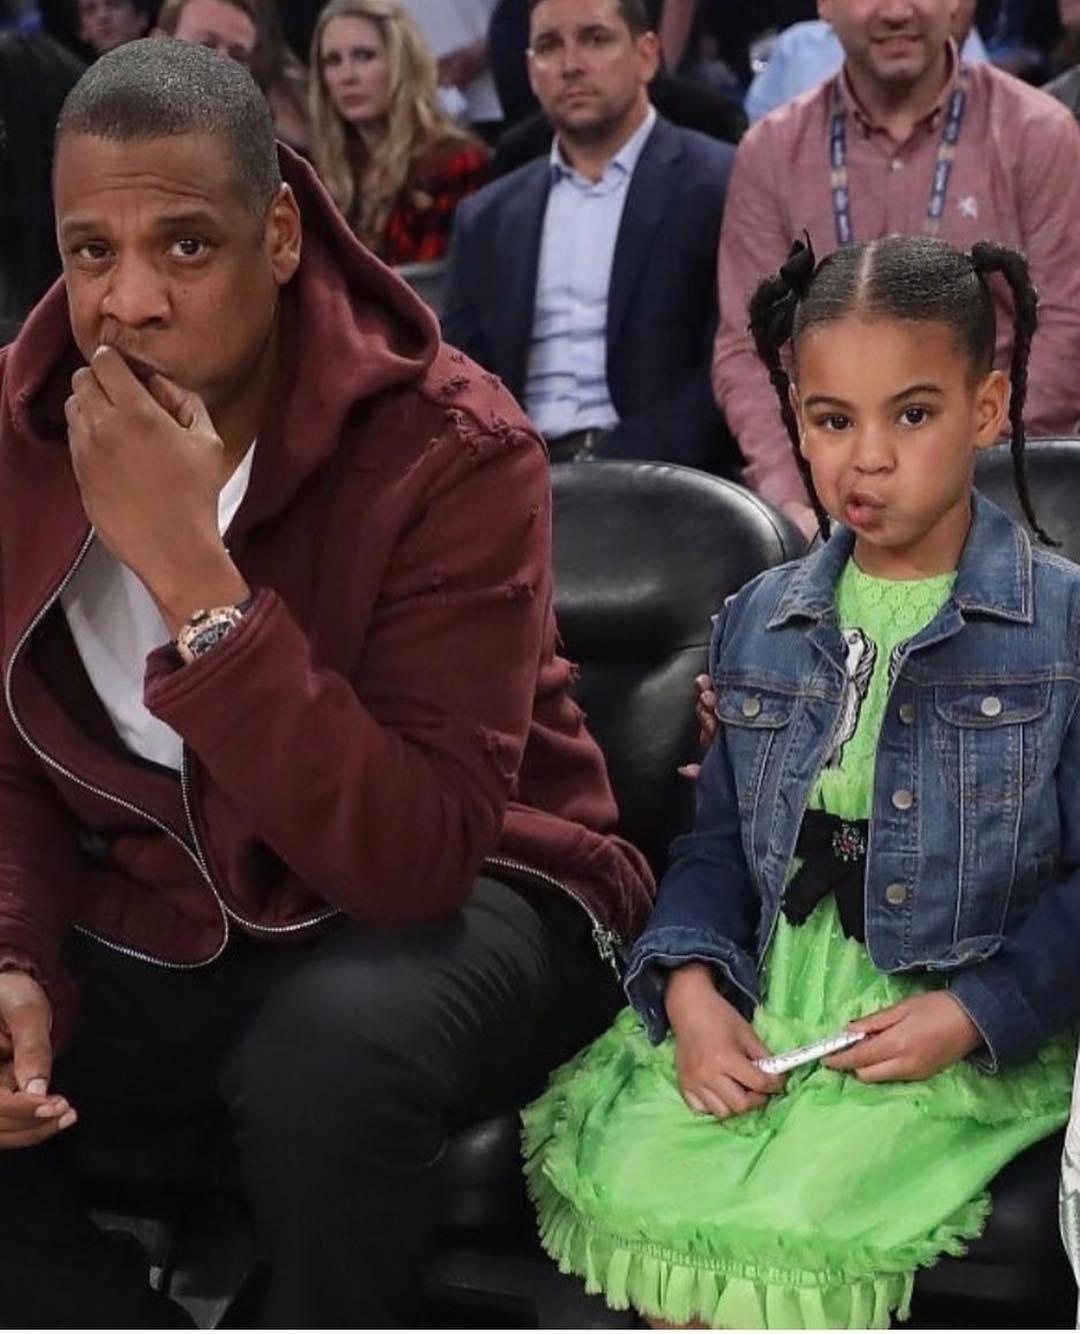 研究發現「爸爸的貼心」跟孩子長相有關 越像爸爸他越愛家!